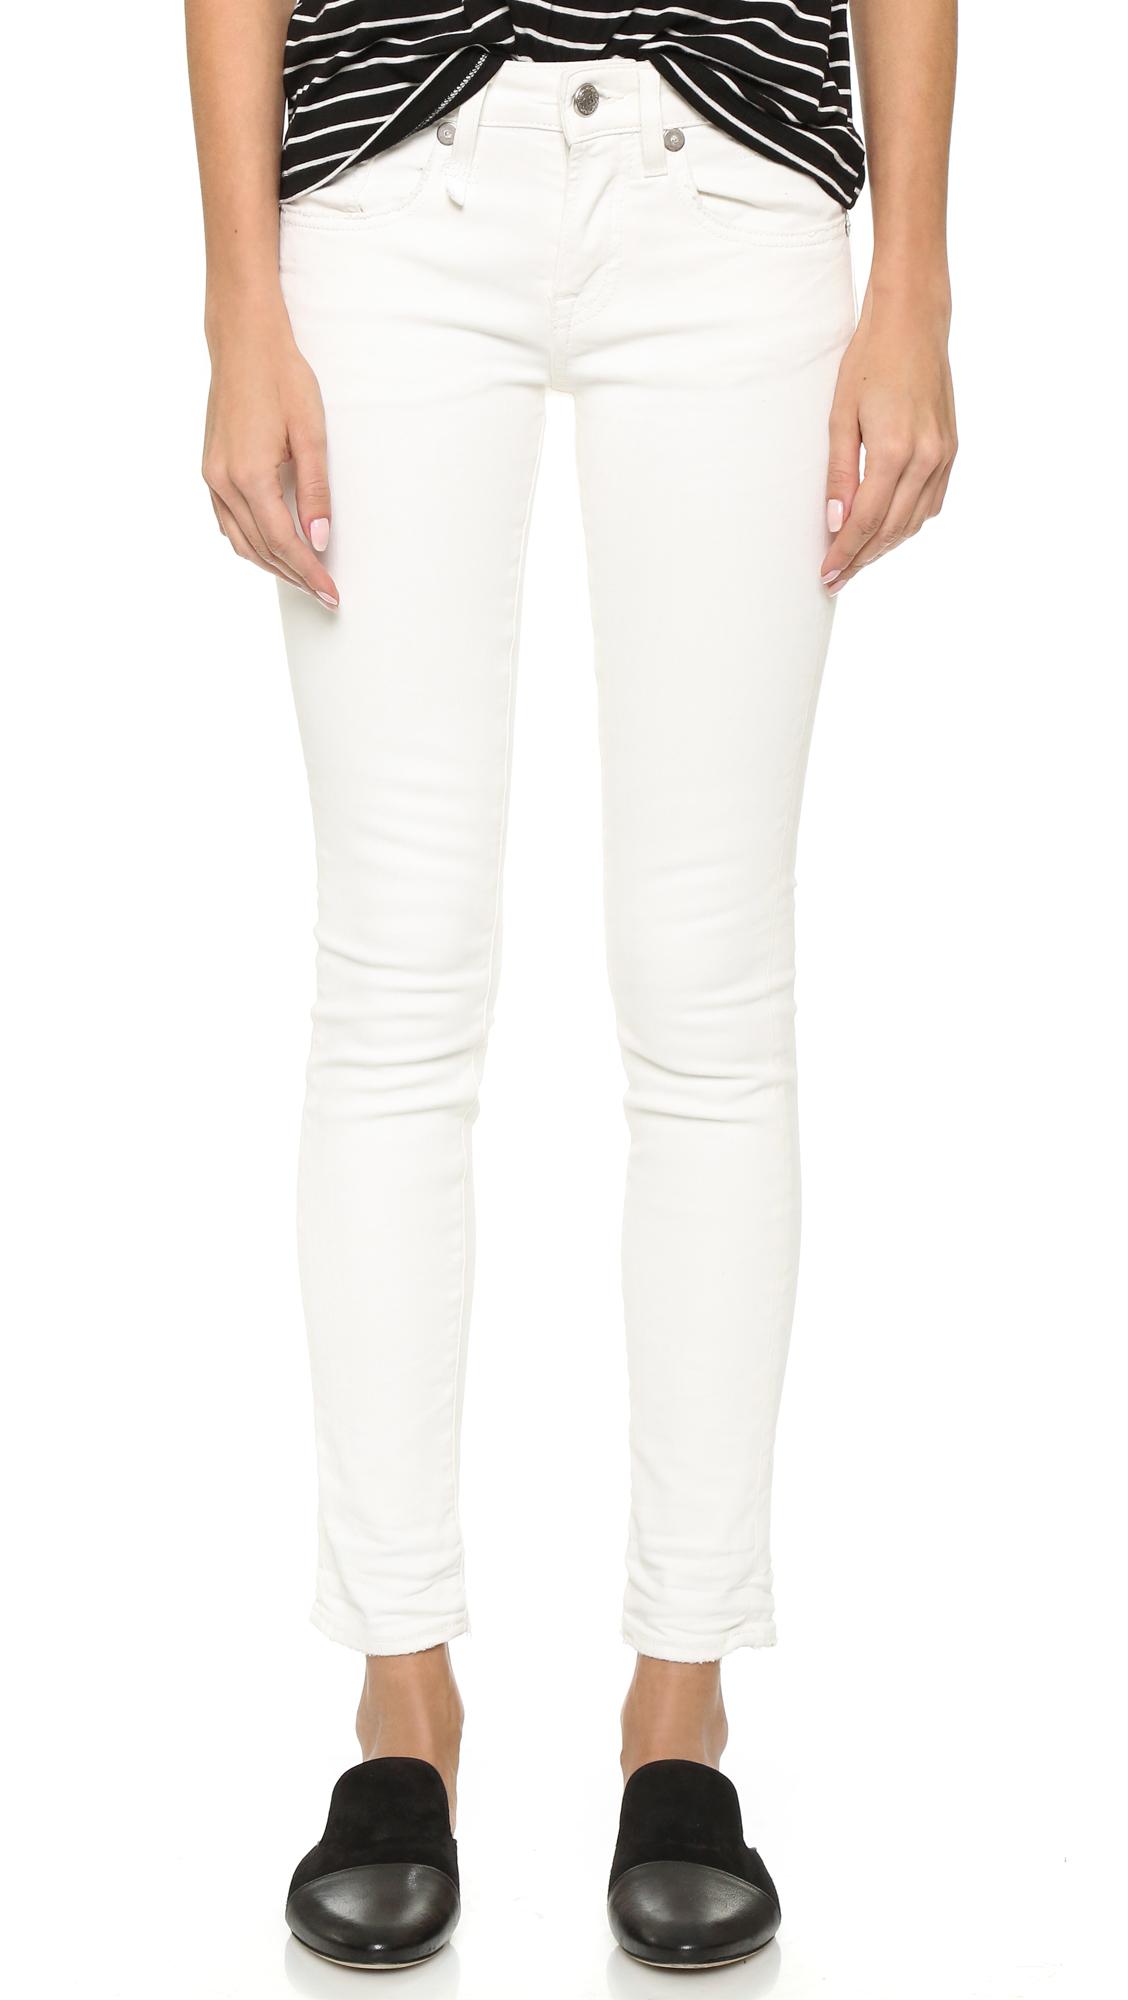 Riot skinny jeans - White R13 RIA73Jgm